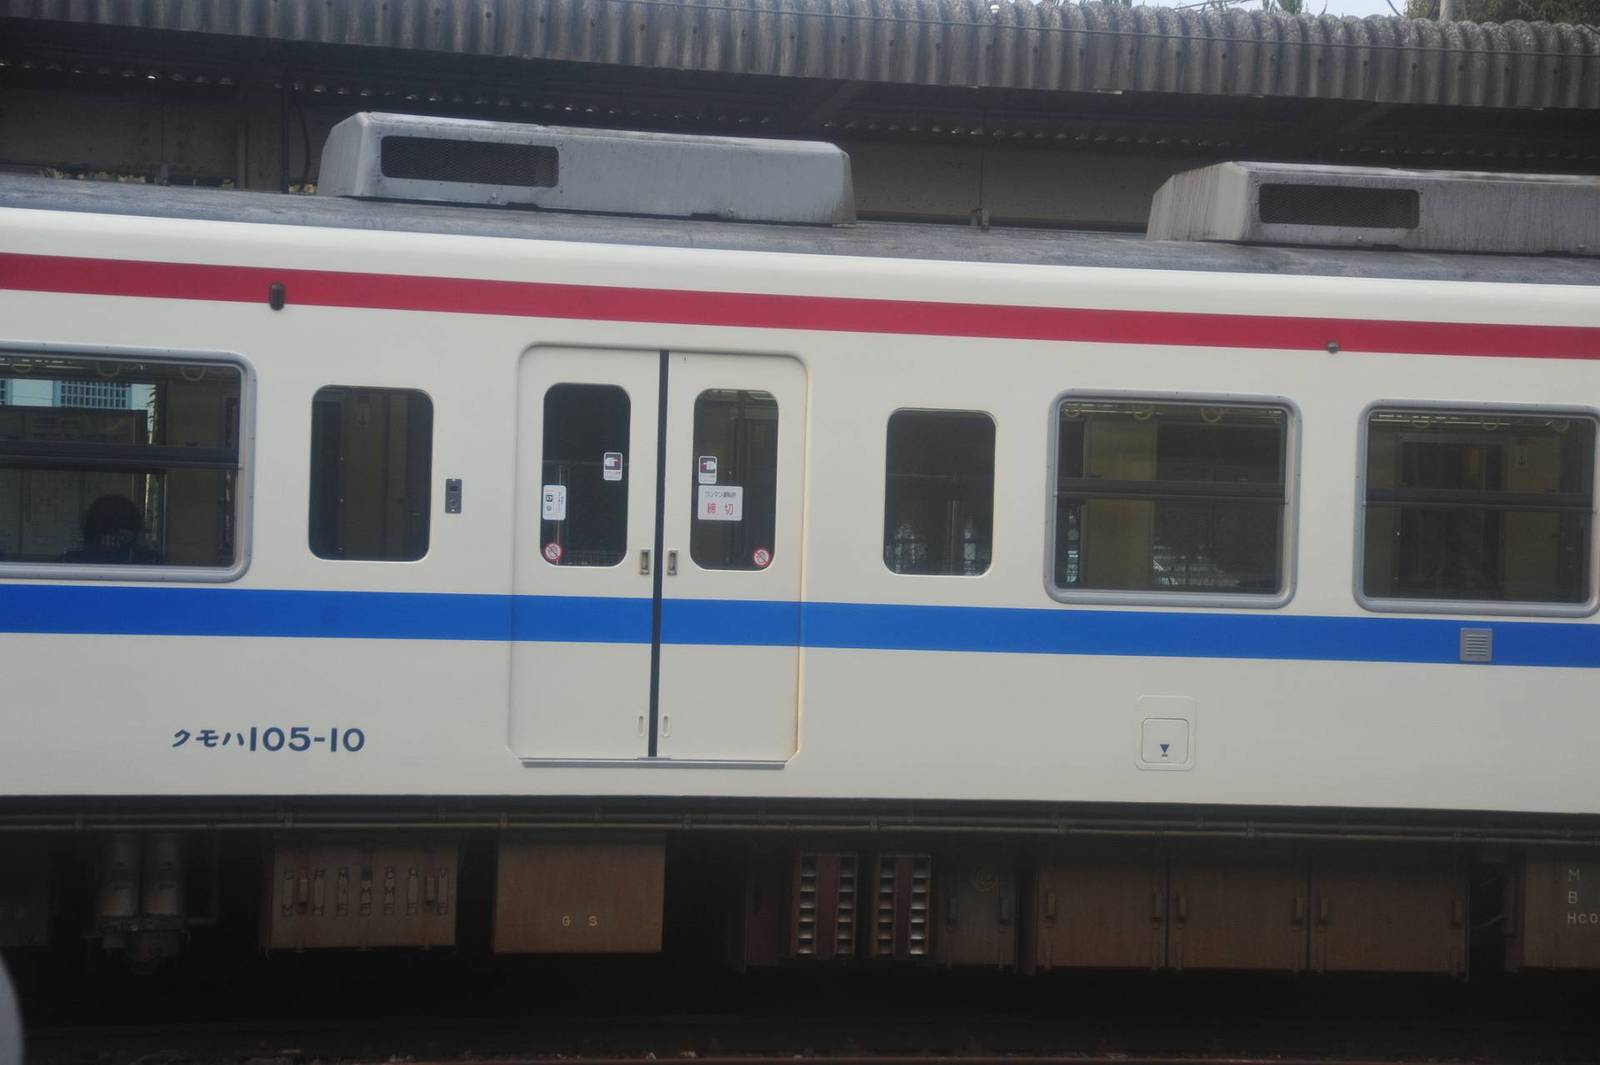 Dsc_9294s